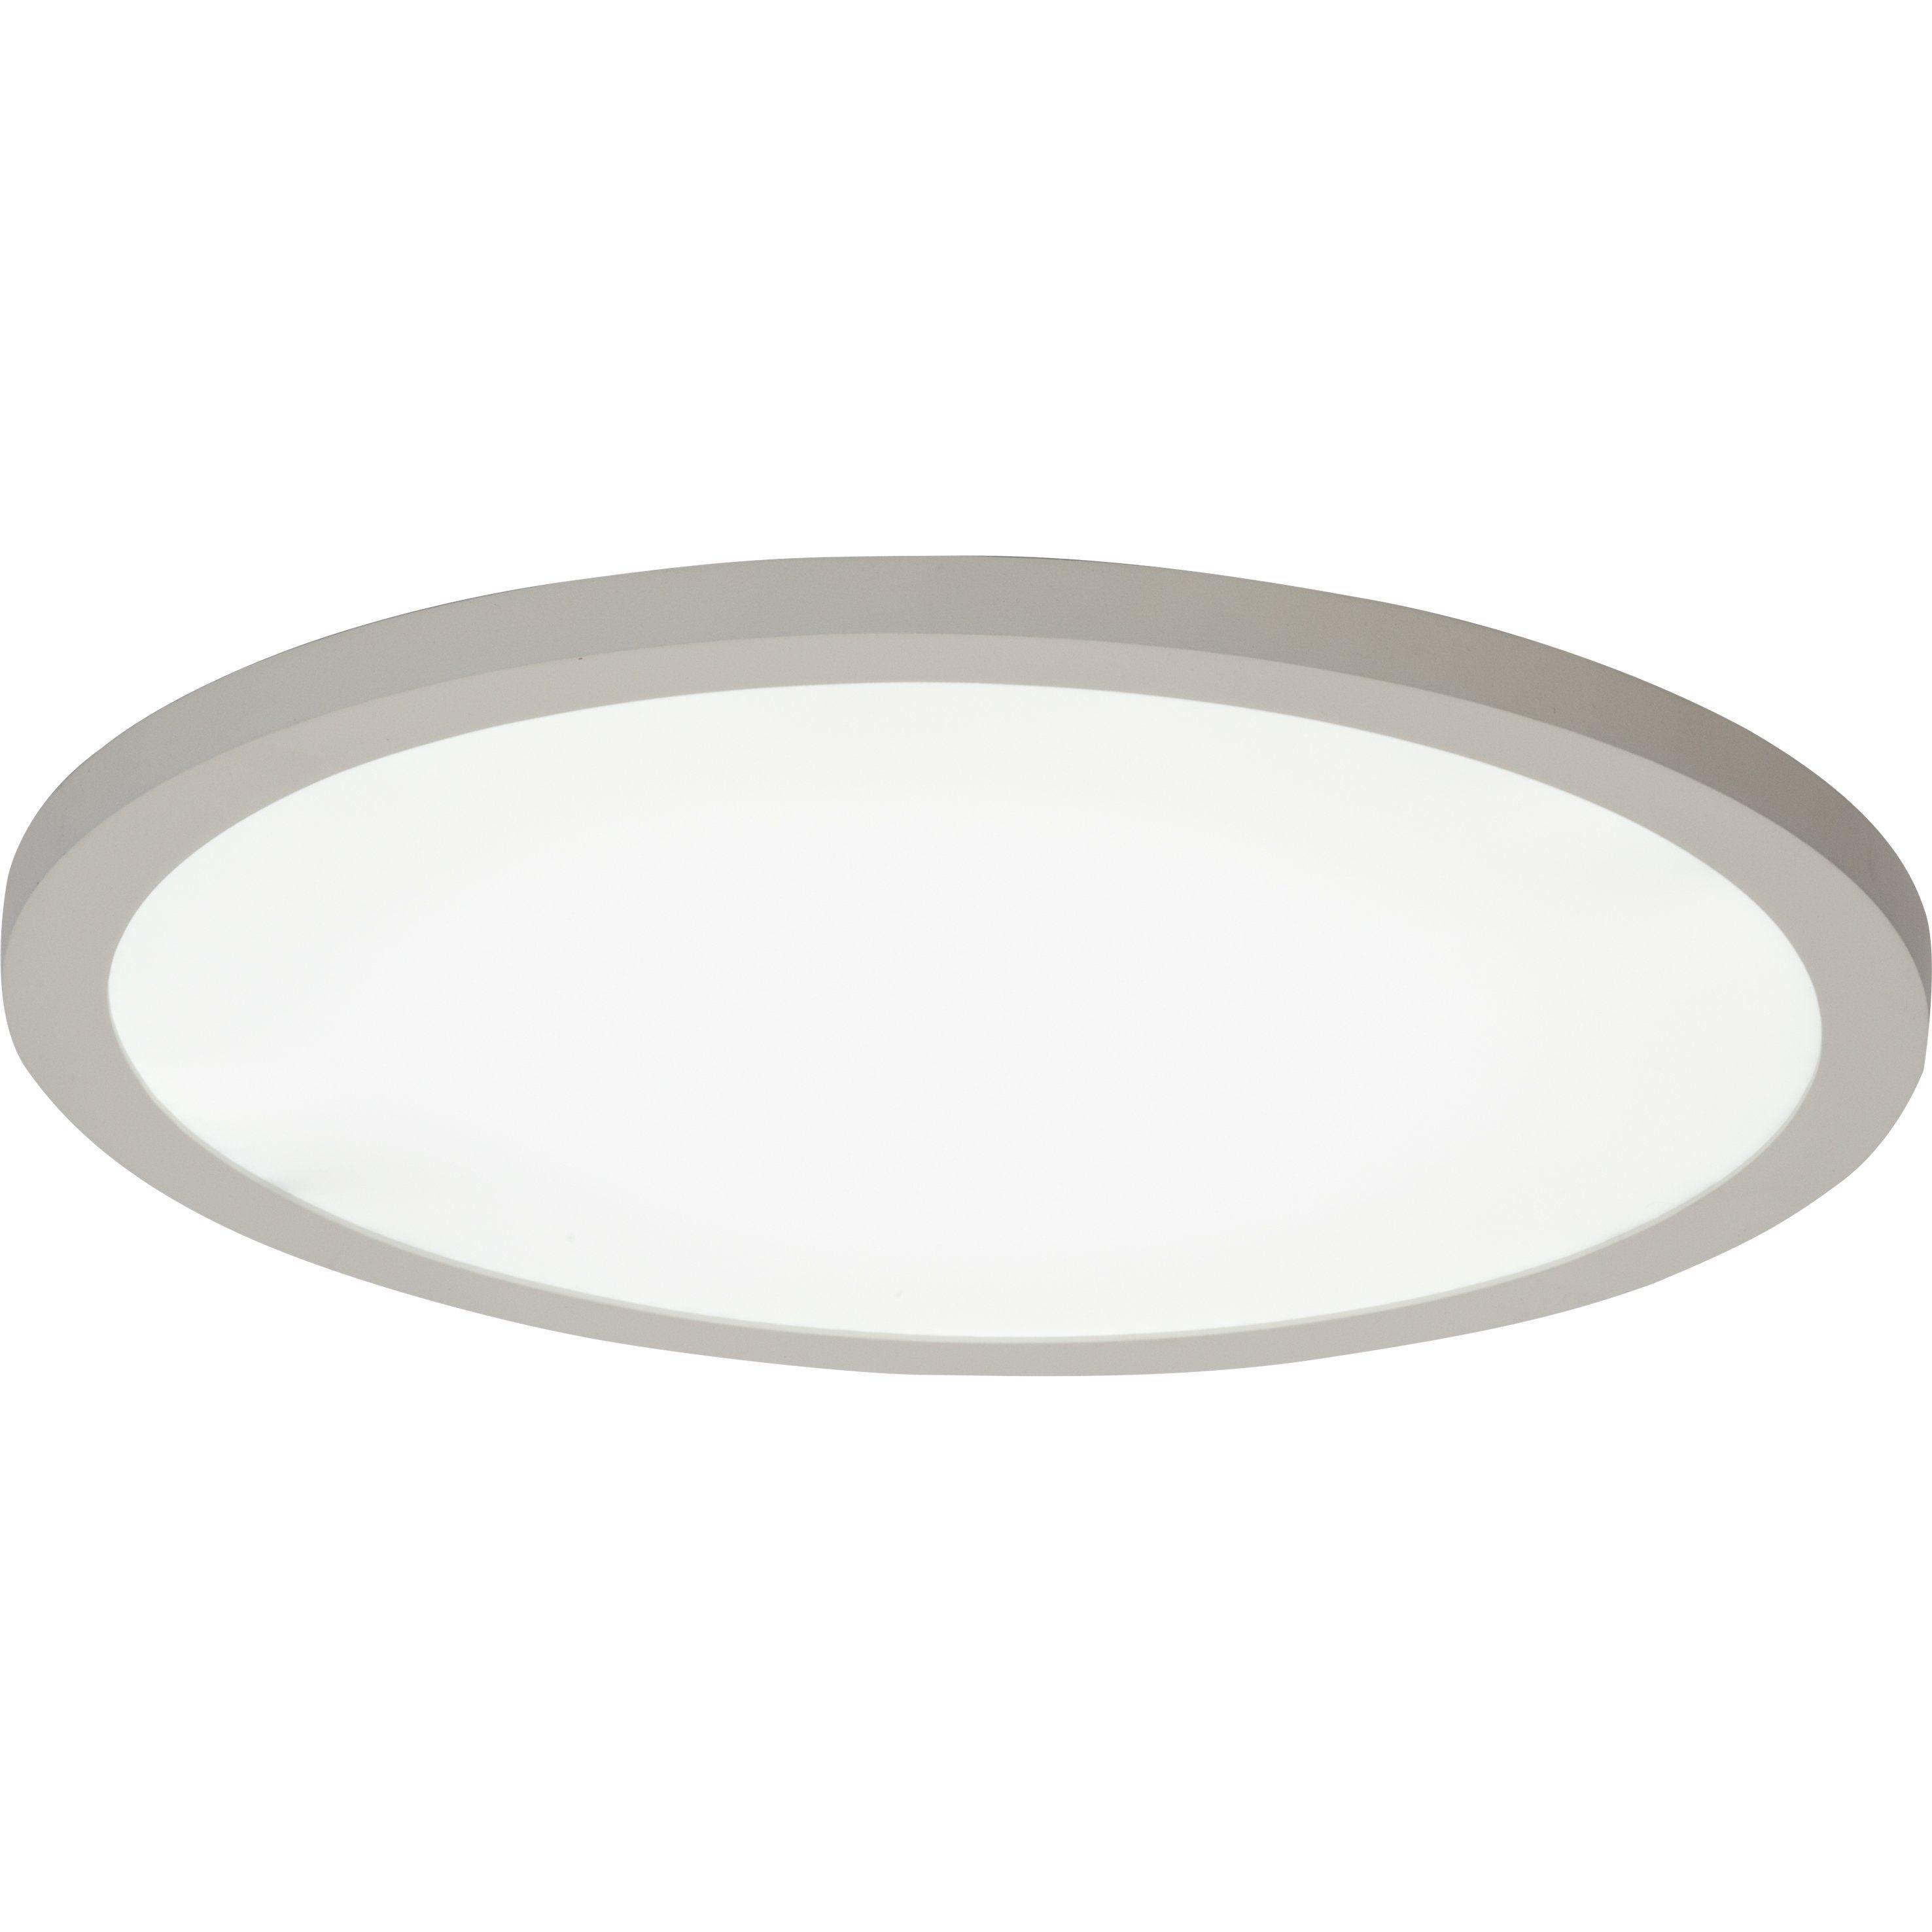 Brilliant Leuchten Smooth LED Deckenaufbau-Paneel 50cm weiß